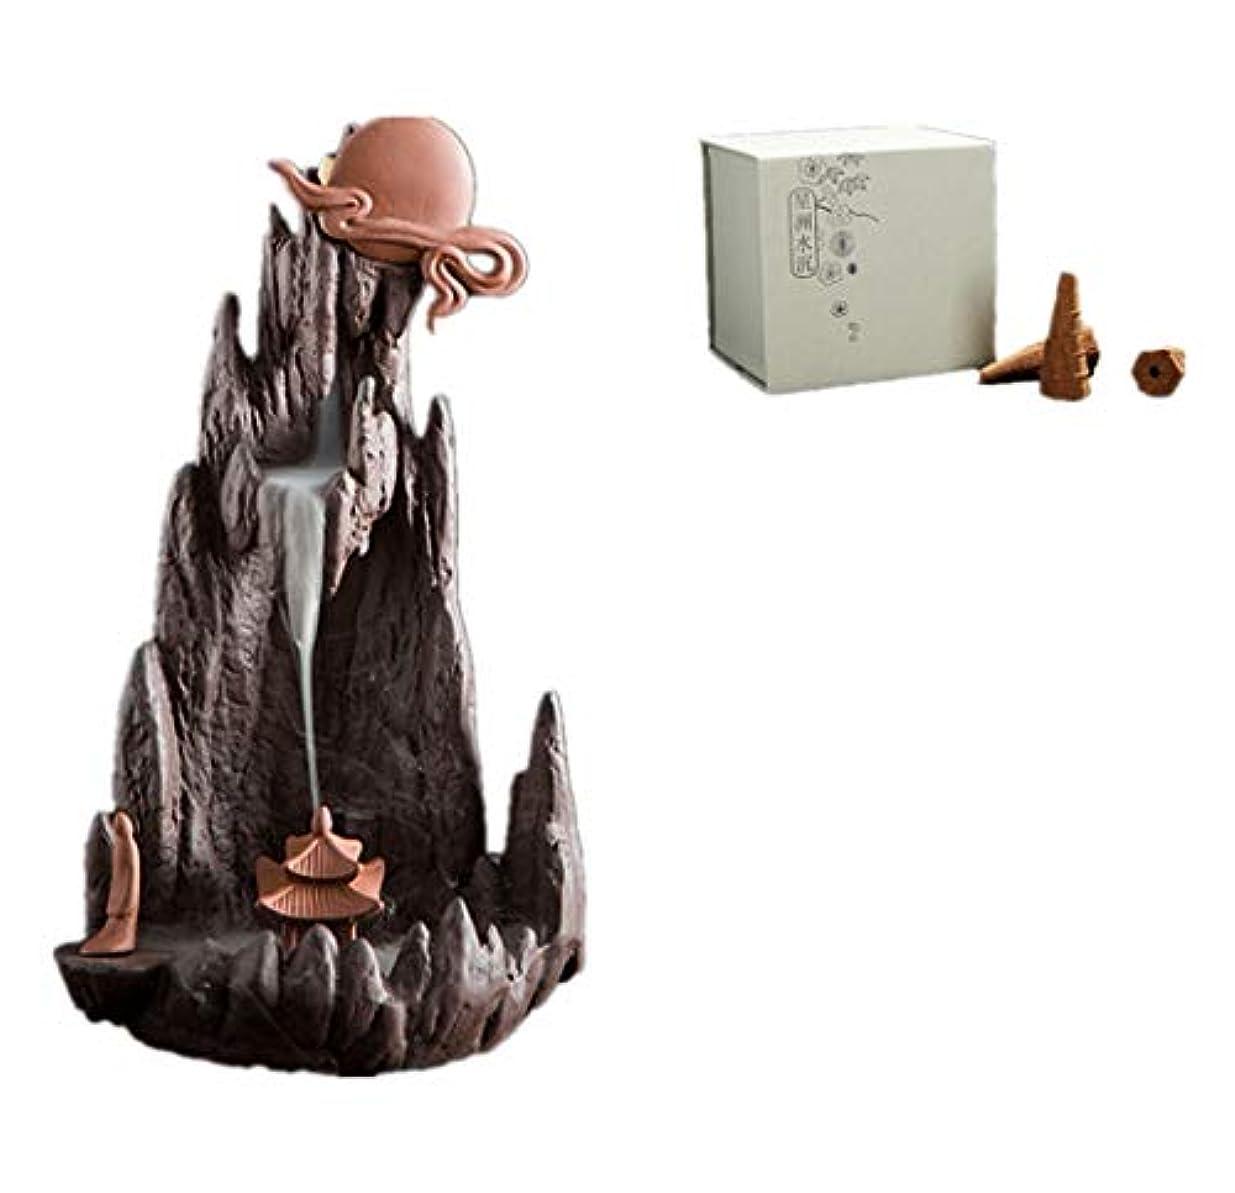 バンド柔らかい足耐えるXPPXPP Reflux Incense Burner With 40 Reflux Cones, Home Decoration Incense Stick Ceramic Backflow Cone Candlestick...